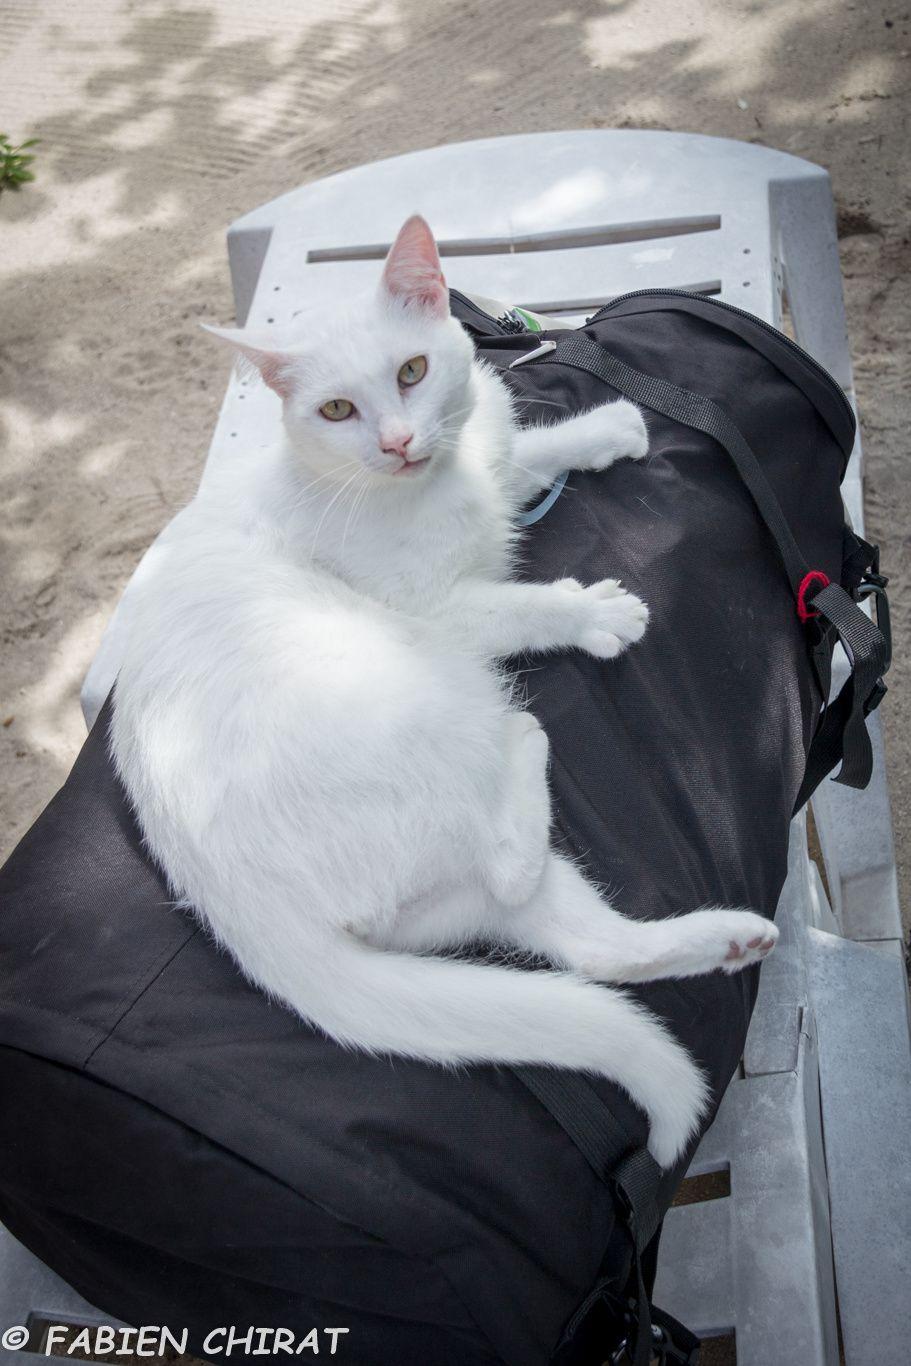 Le chat de la pension s'accroche à mon sac pour venir faire un tour du monde.